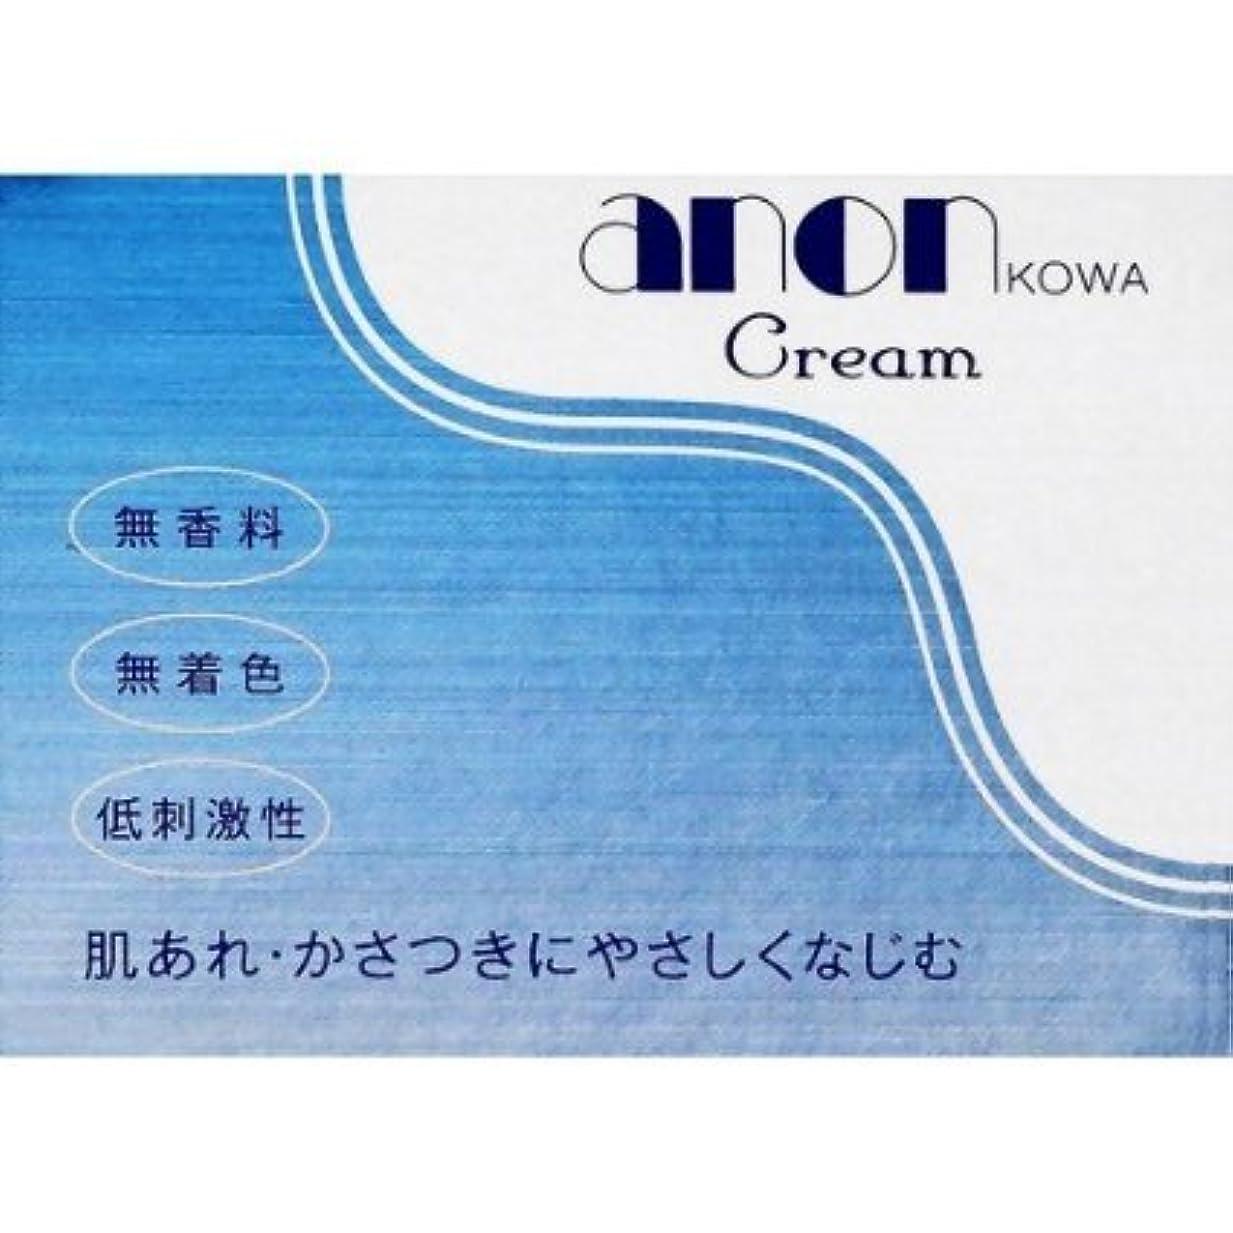 磁気閉塞スチュアート島興和新薬 アノンコーワクリーム80g×2 1847